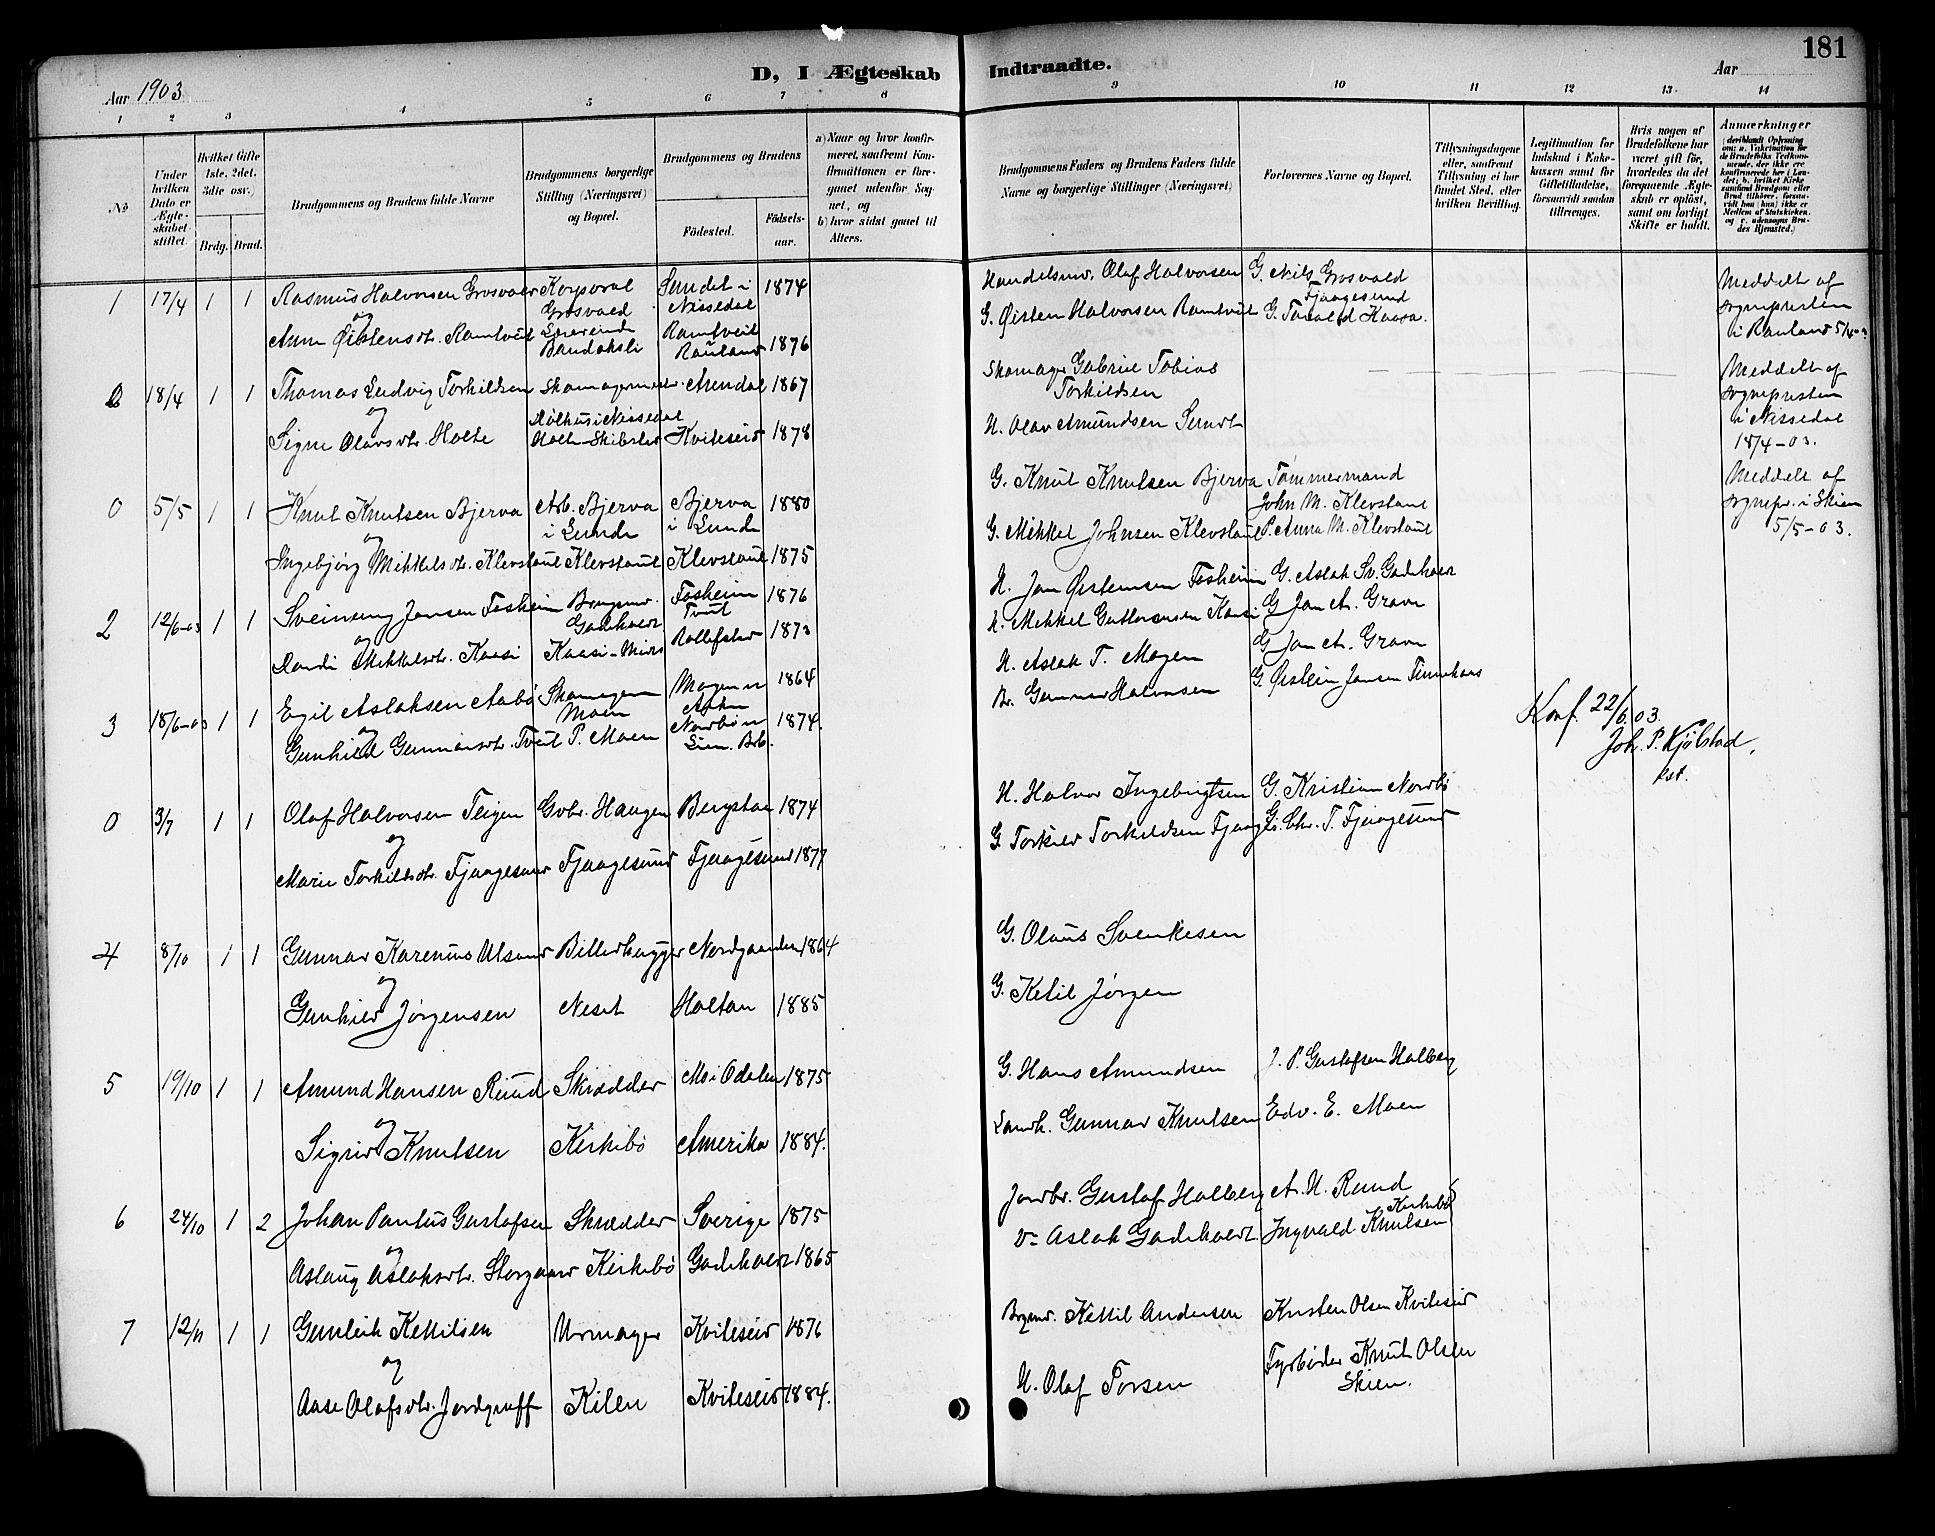 SAKO, Kviteseid kirkebøker, G/Ga/L0002: Klokkerbok nr. I 2, 1893-1918, s. 181